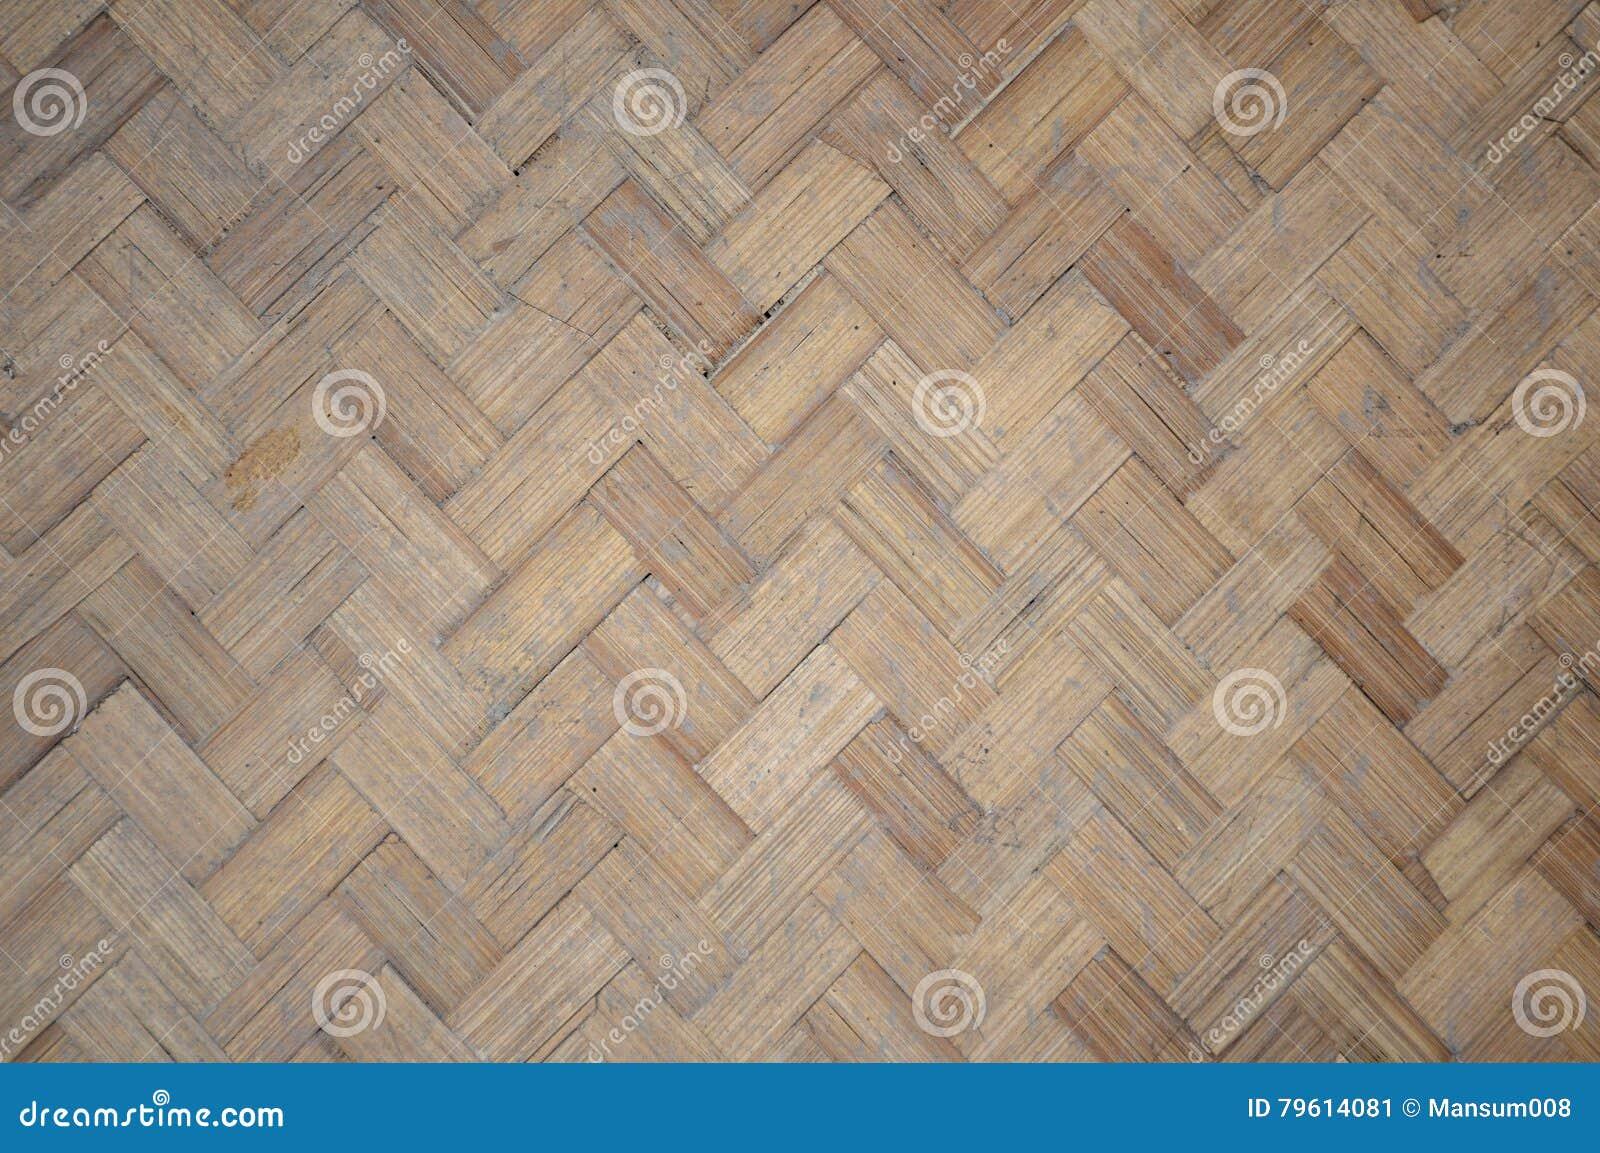 Teste padrão de bambu tecido